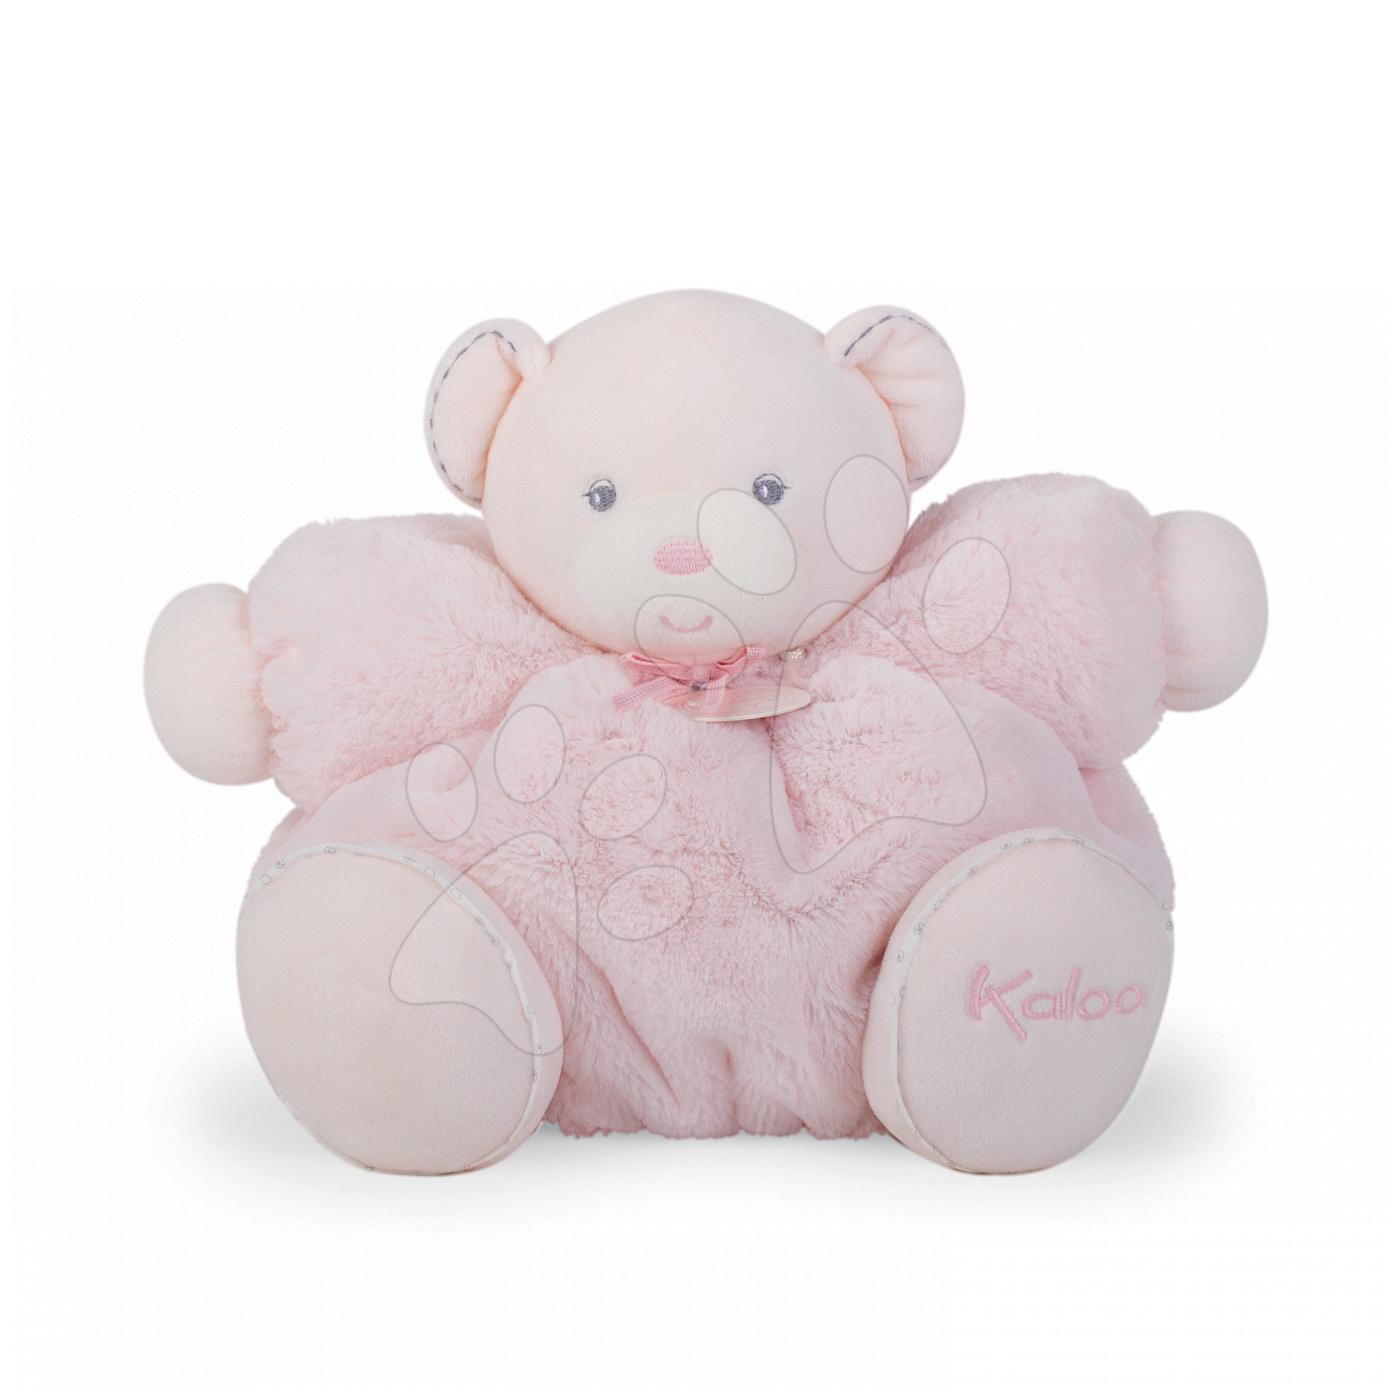 Plyšové medvede - Plyšový medvedík Perle-Chubby Bear Kaloo s hrkálkou 30 cm v darčekovom balení pre najmenších ružový